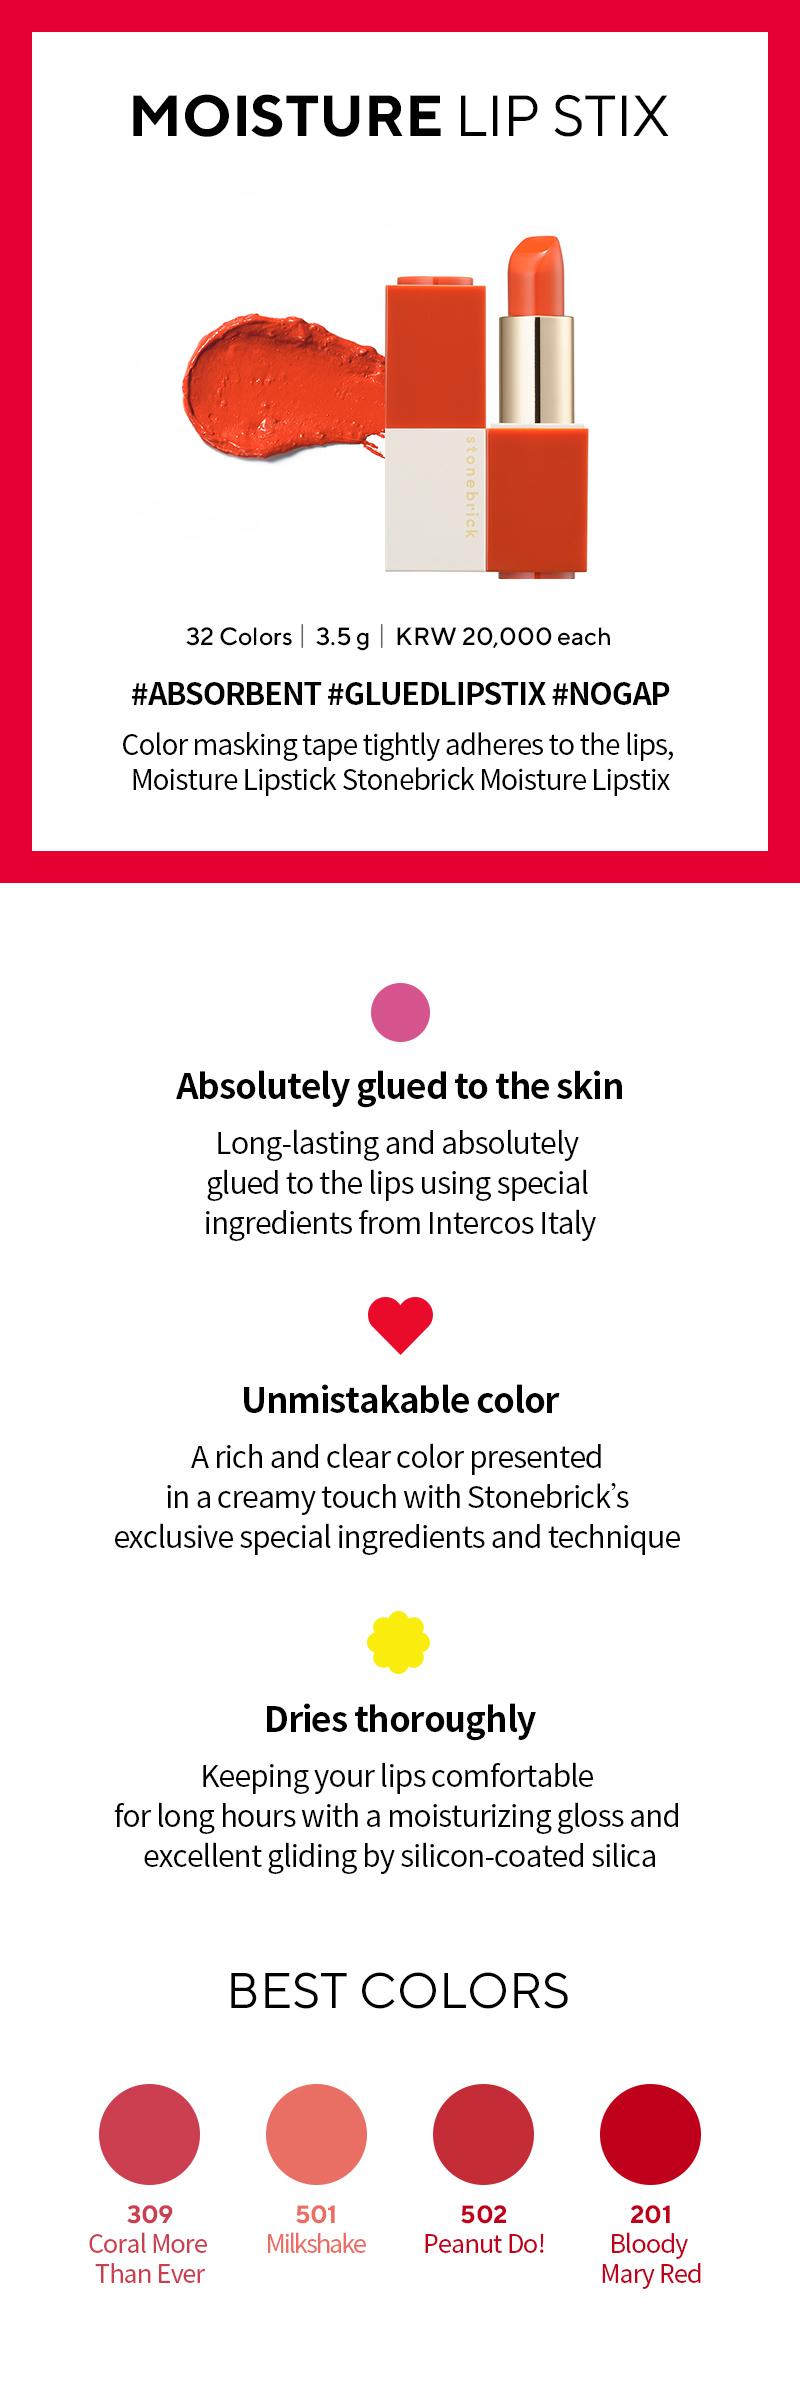 stonebrick-Moisture-Lipsticks-30-Colors-3-5g-Product-Description-01